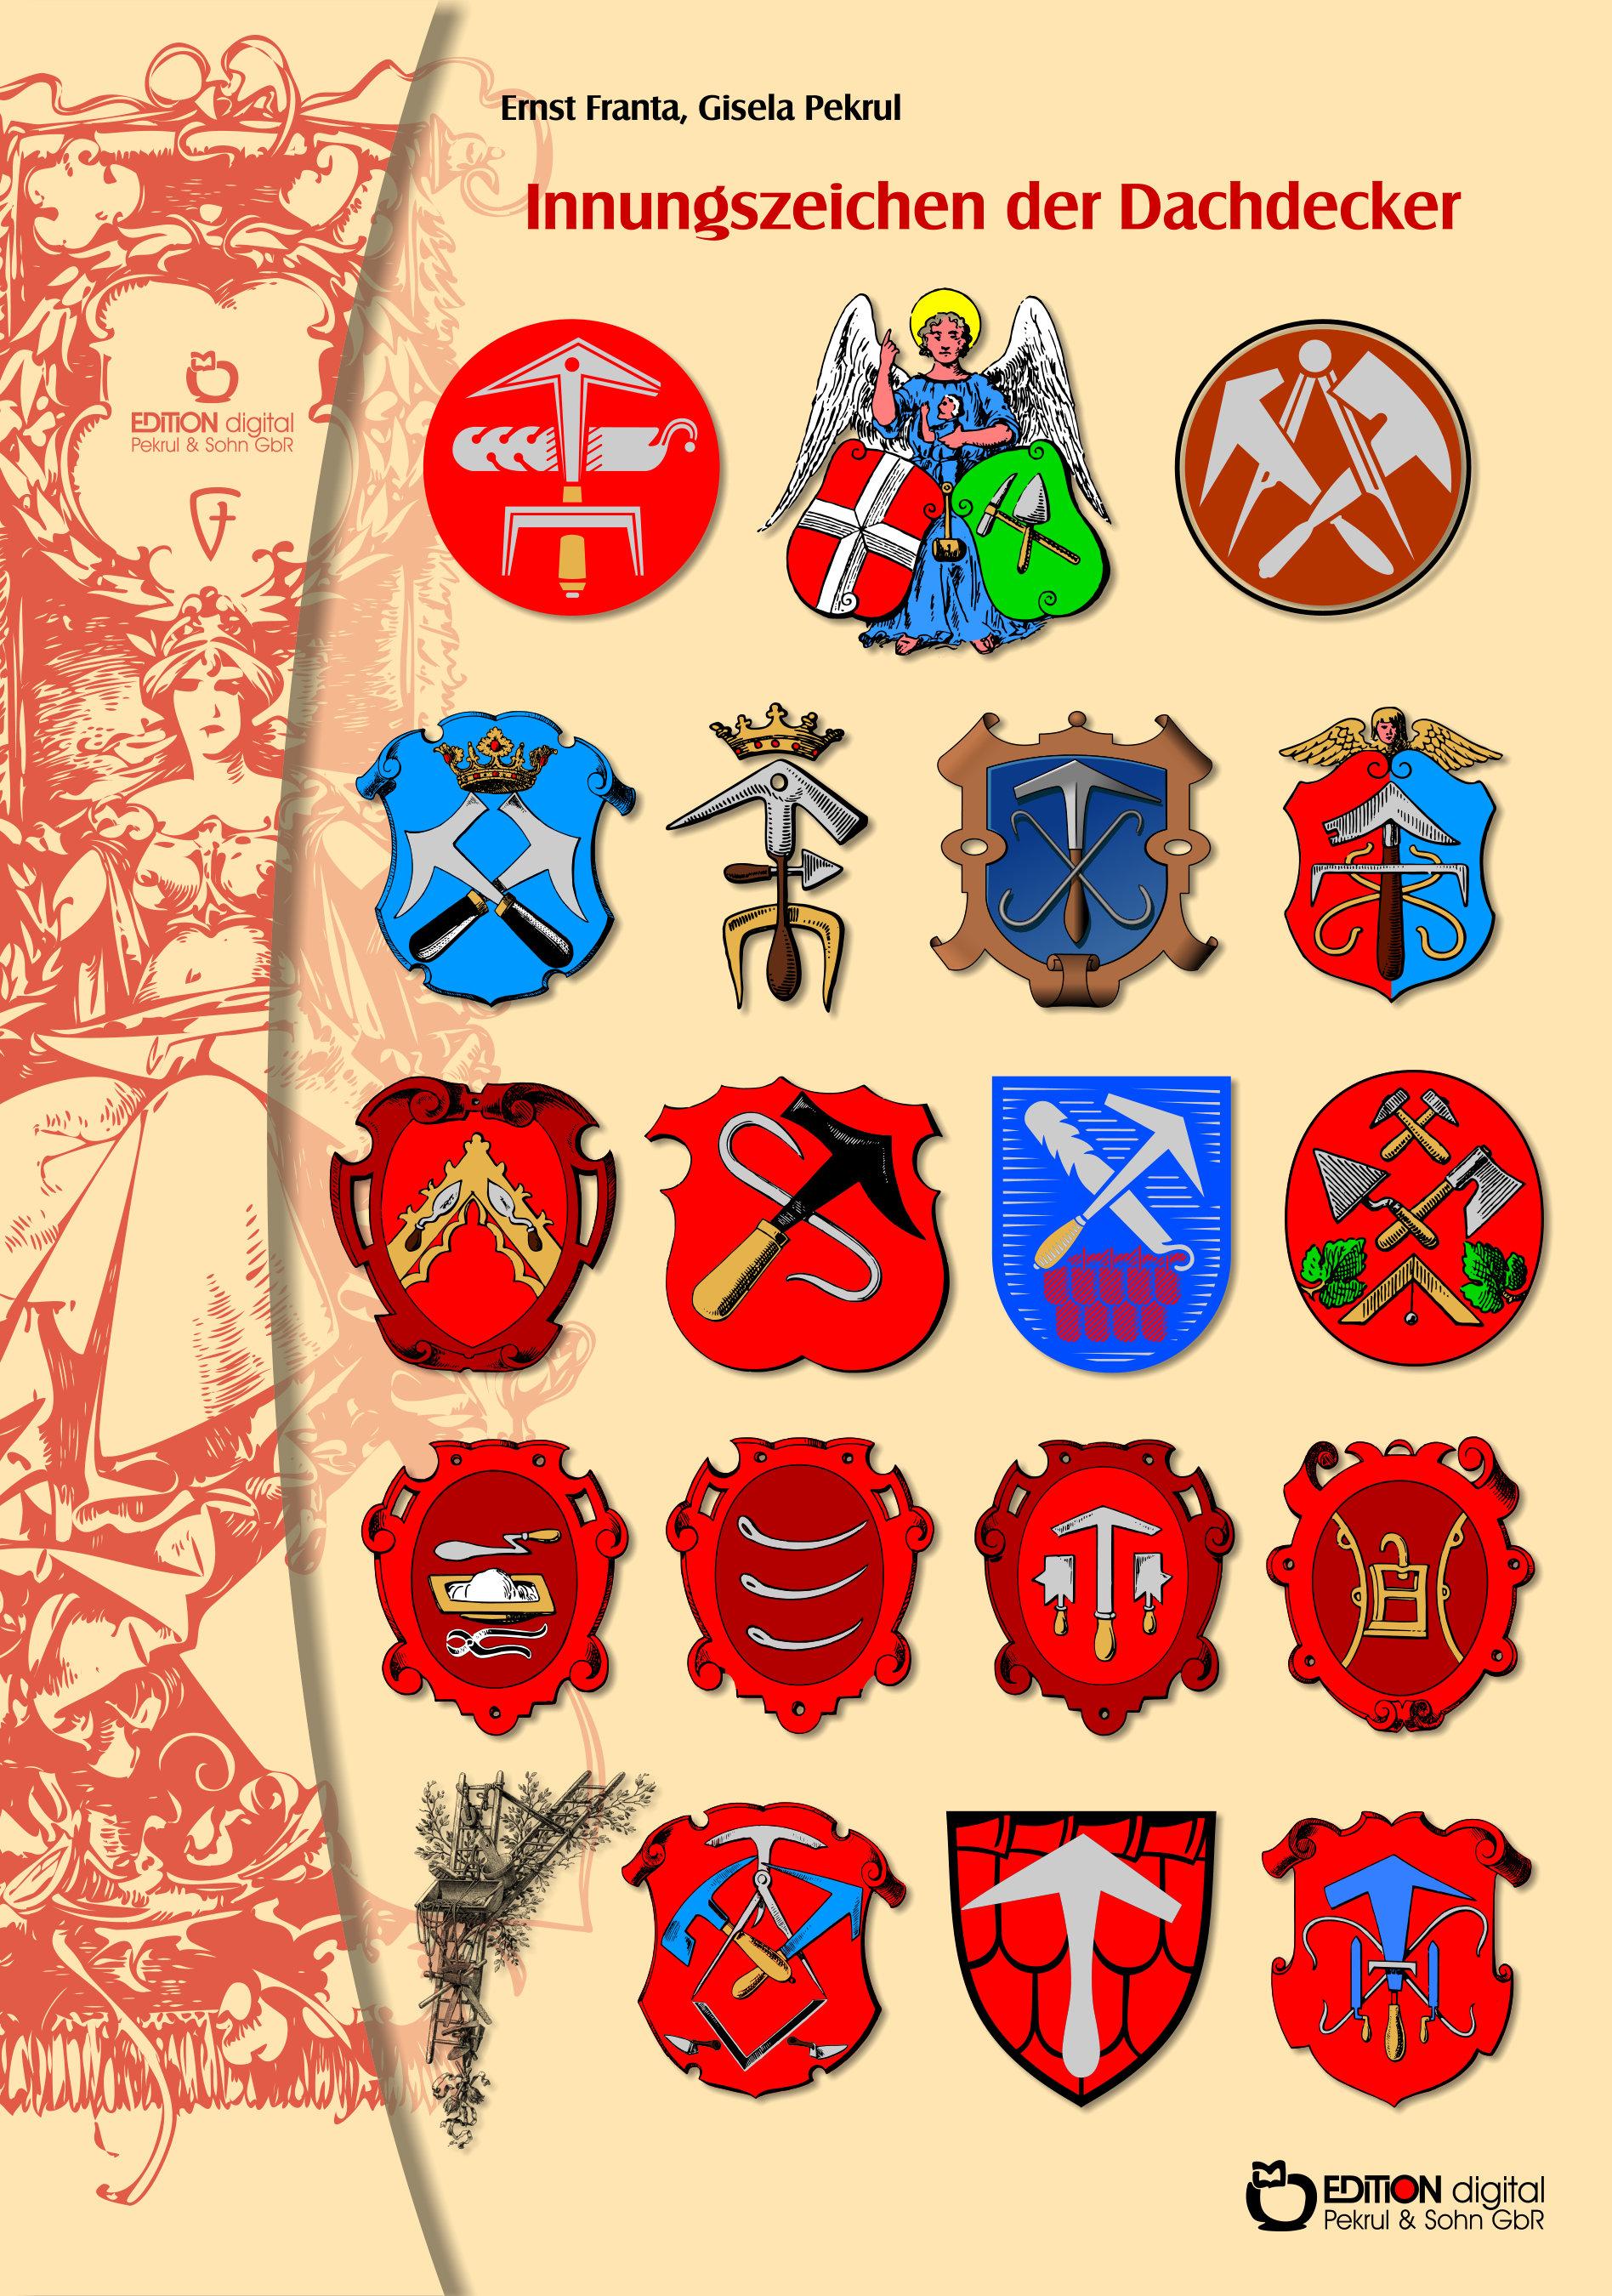 Innungszeichen der Dachdecker. Poster mit Beschreibung von Gisela Pekrul